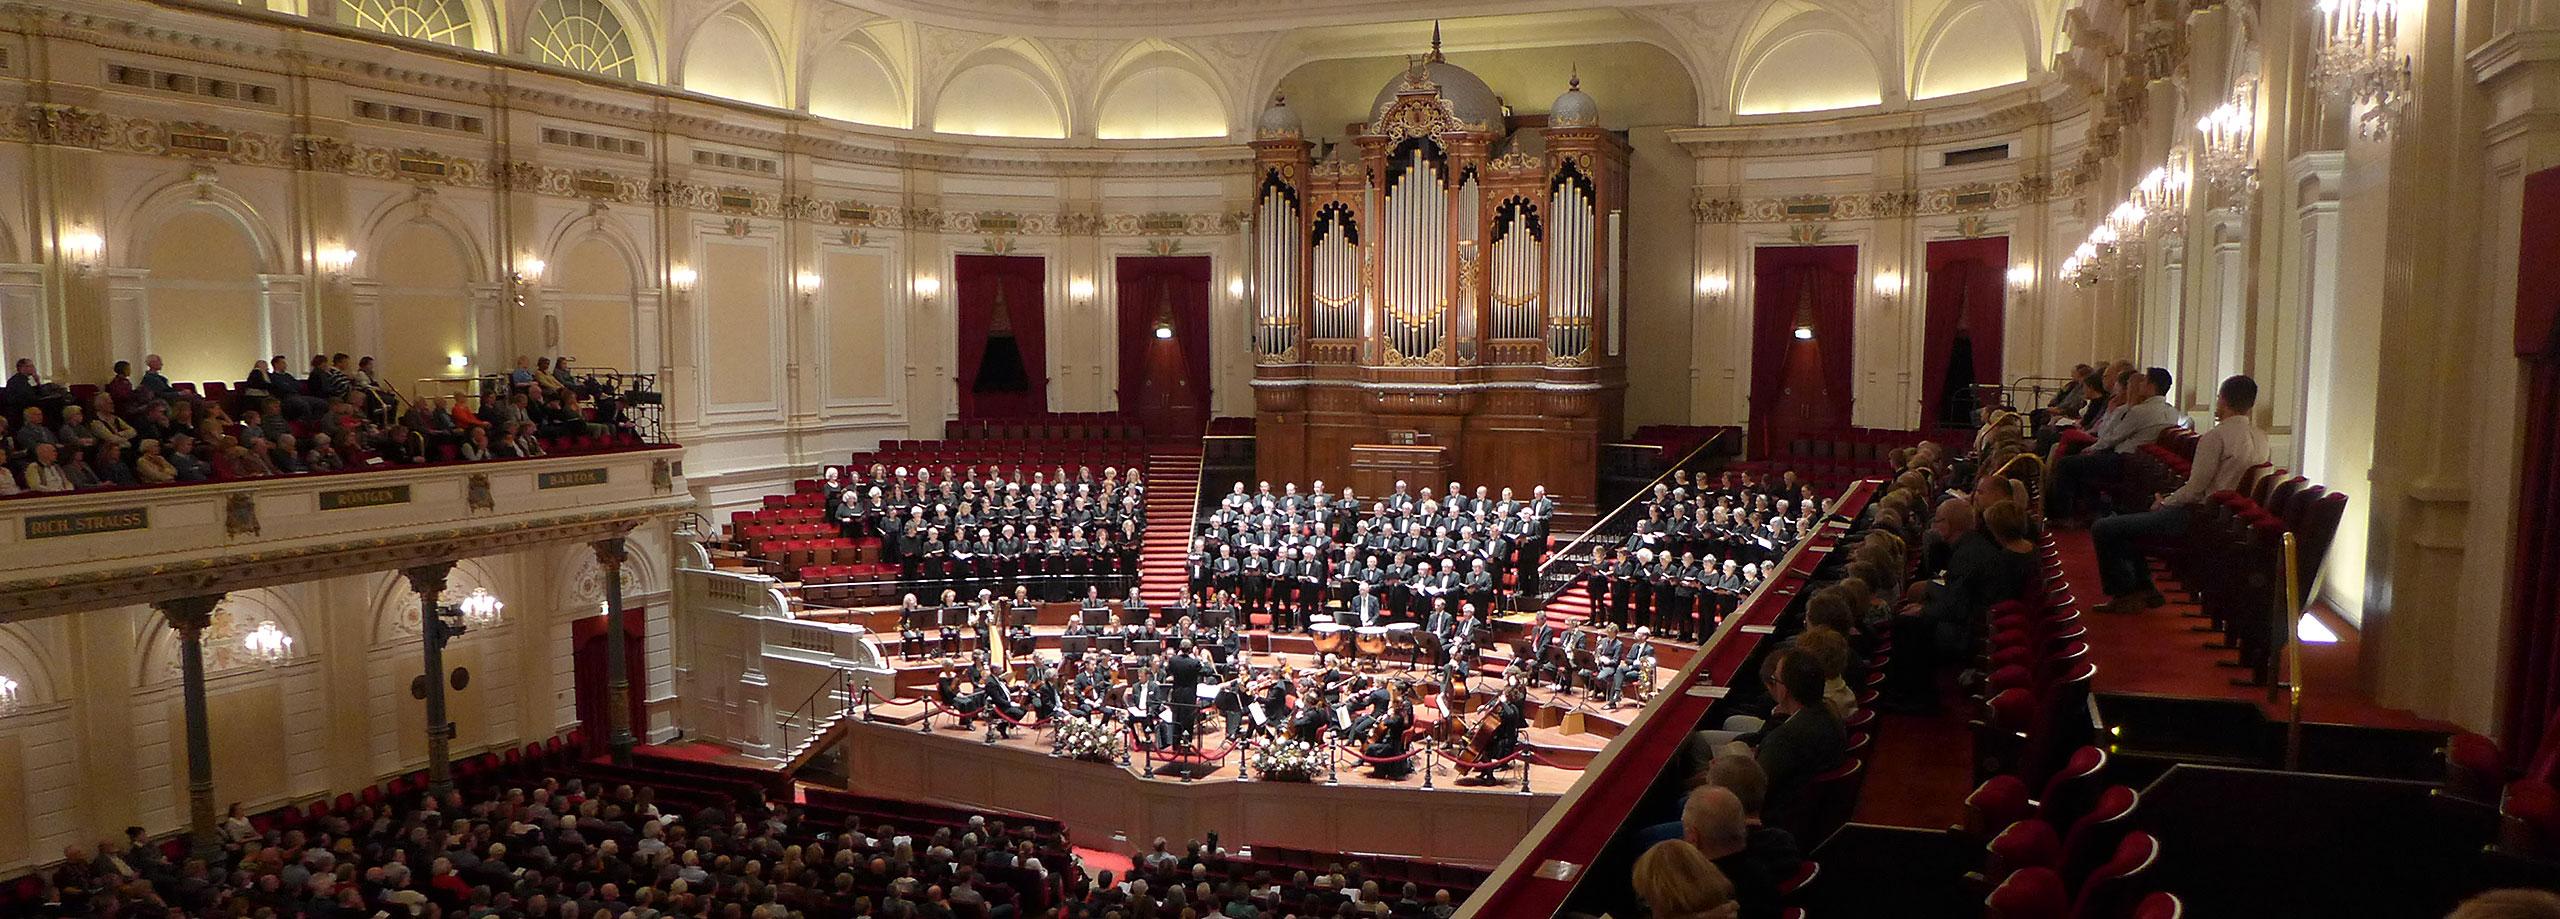 Het Amsterdam Gemengd Koor bij uitvoering van Ein deutsches Requiem in Het Concertgebouw op 1 november 2015